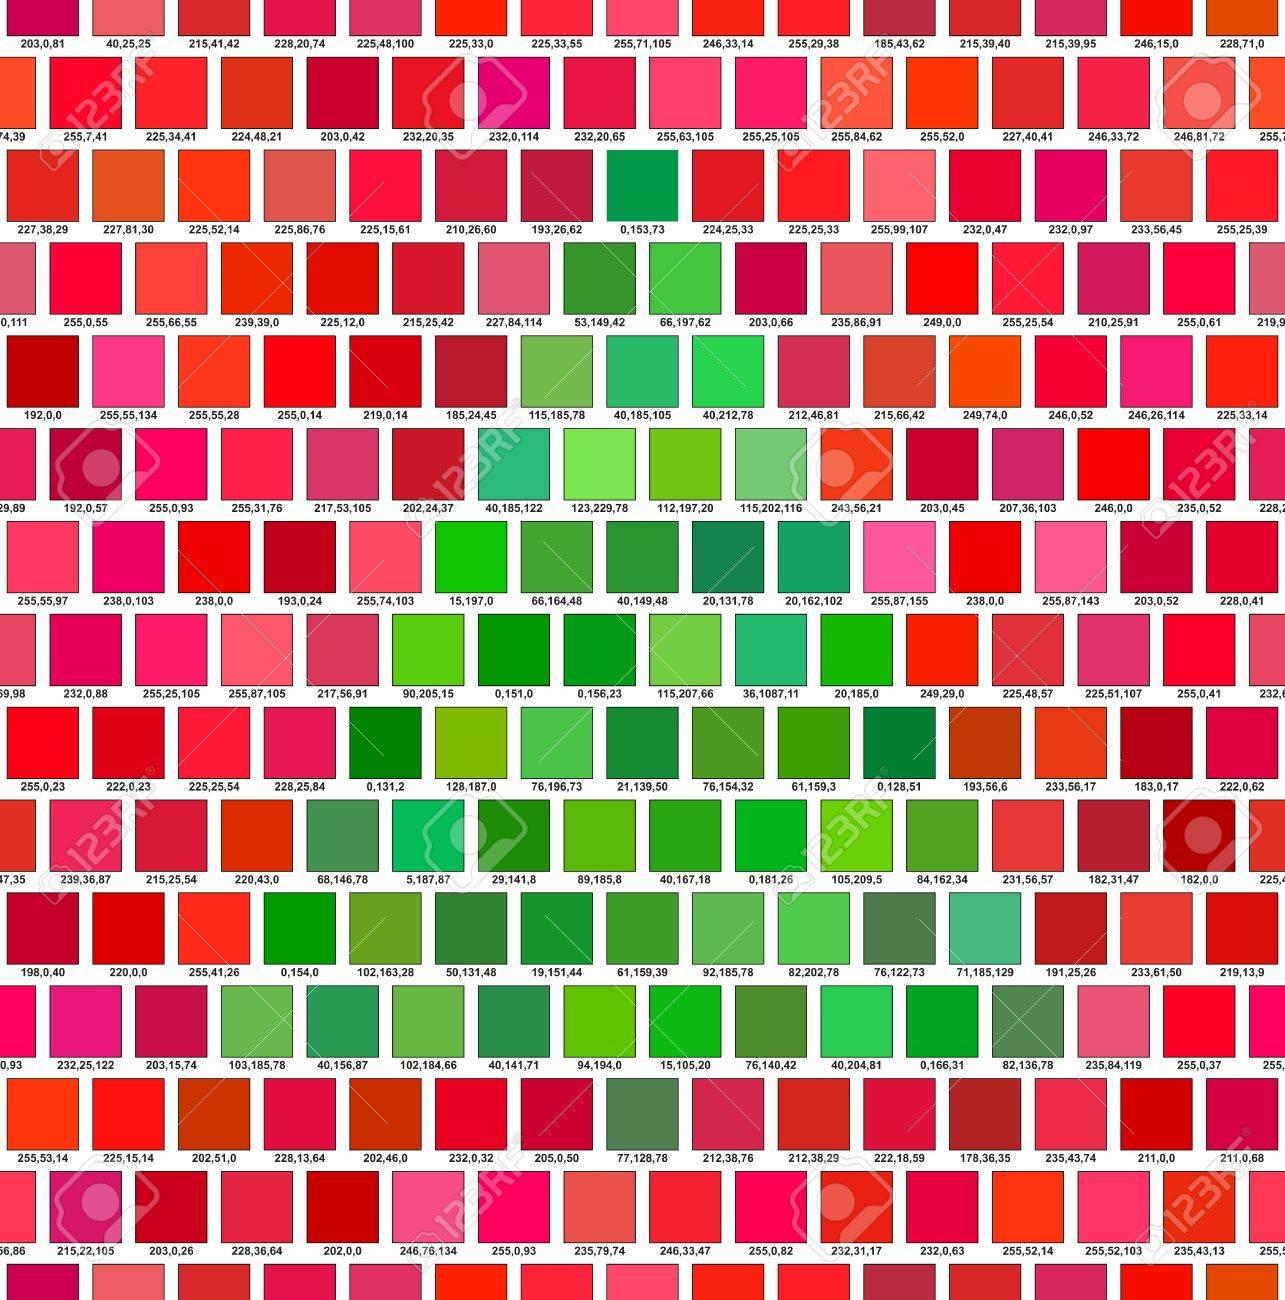 Palette De Couleurs Rouge Et Vert L Arbre De Noel Clip Art Libres De Droits Vecteurs Et Illustration Image 15976110